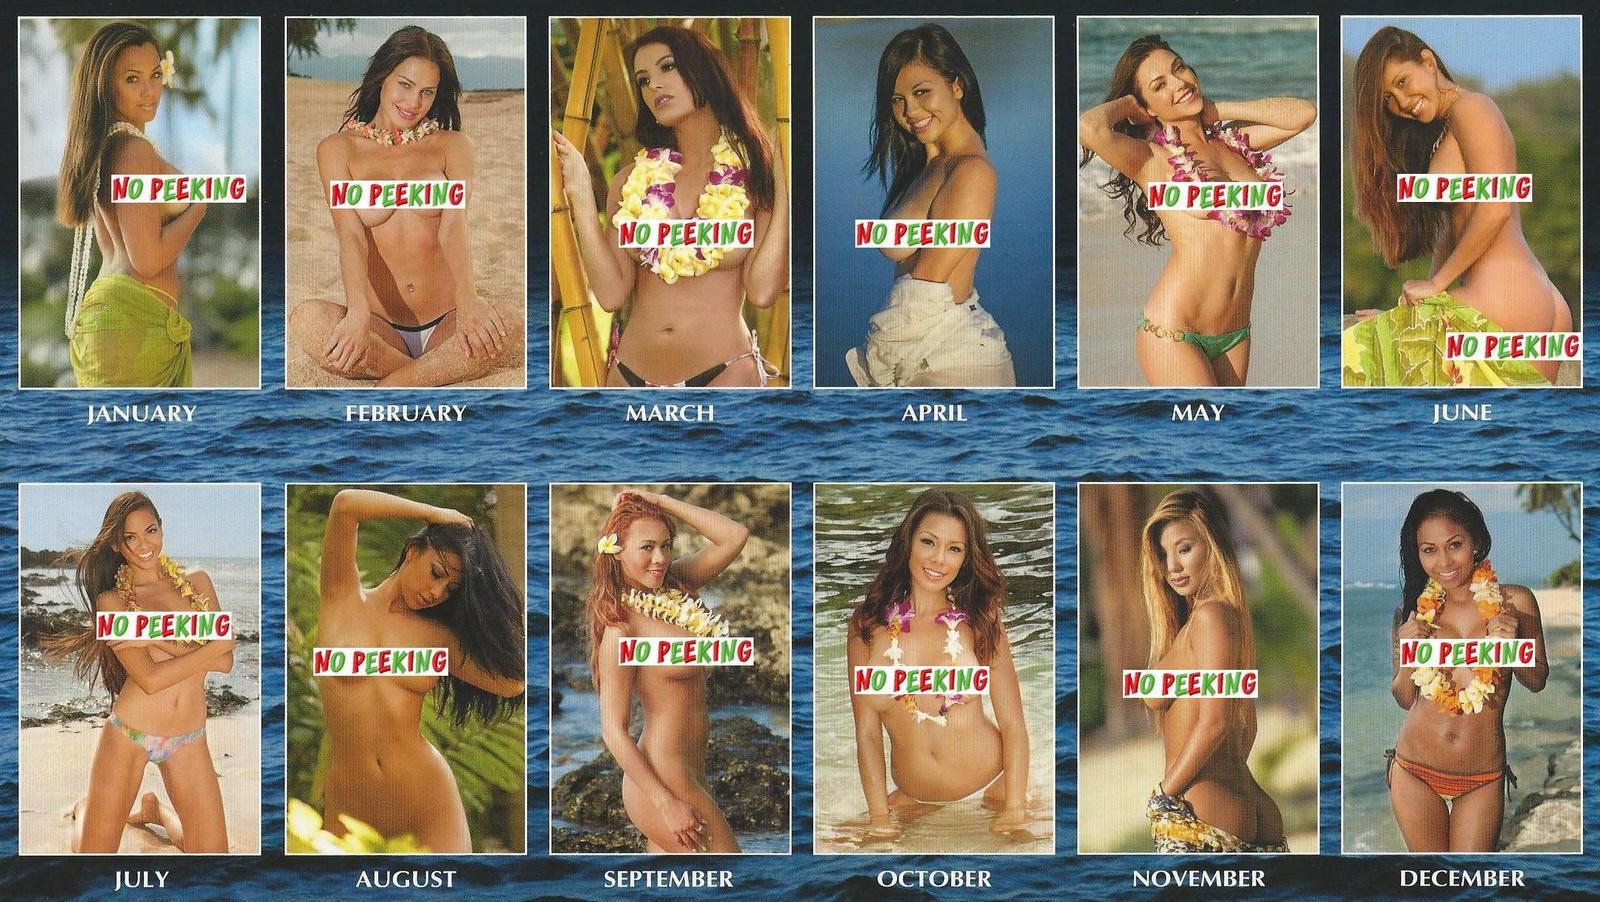 naked-hawaiian-girls-calendar-sex